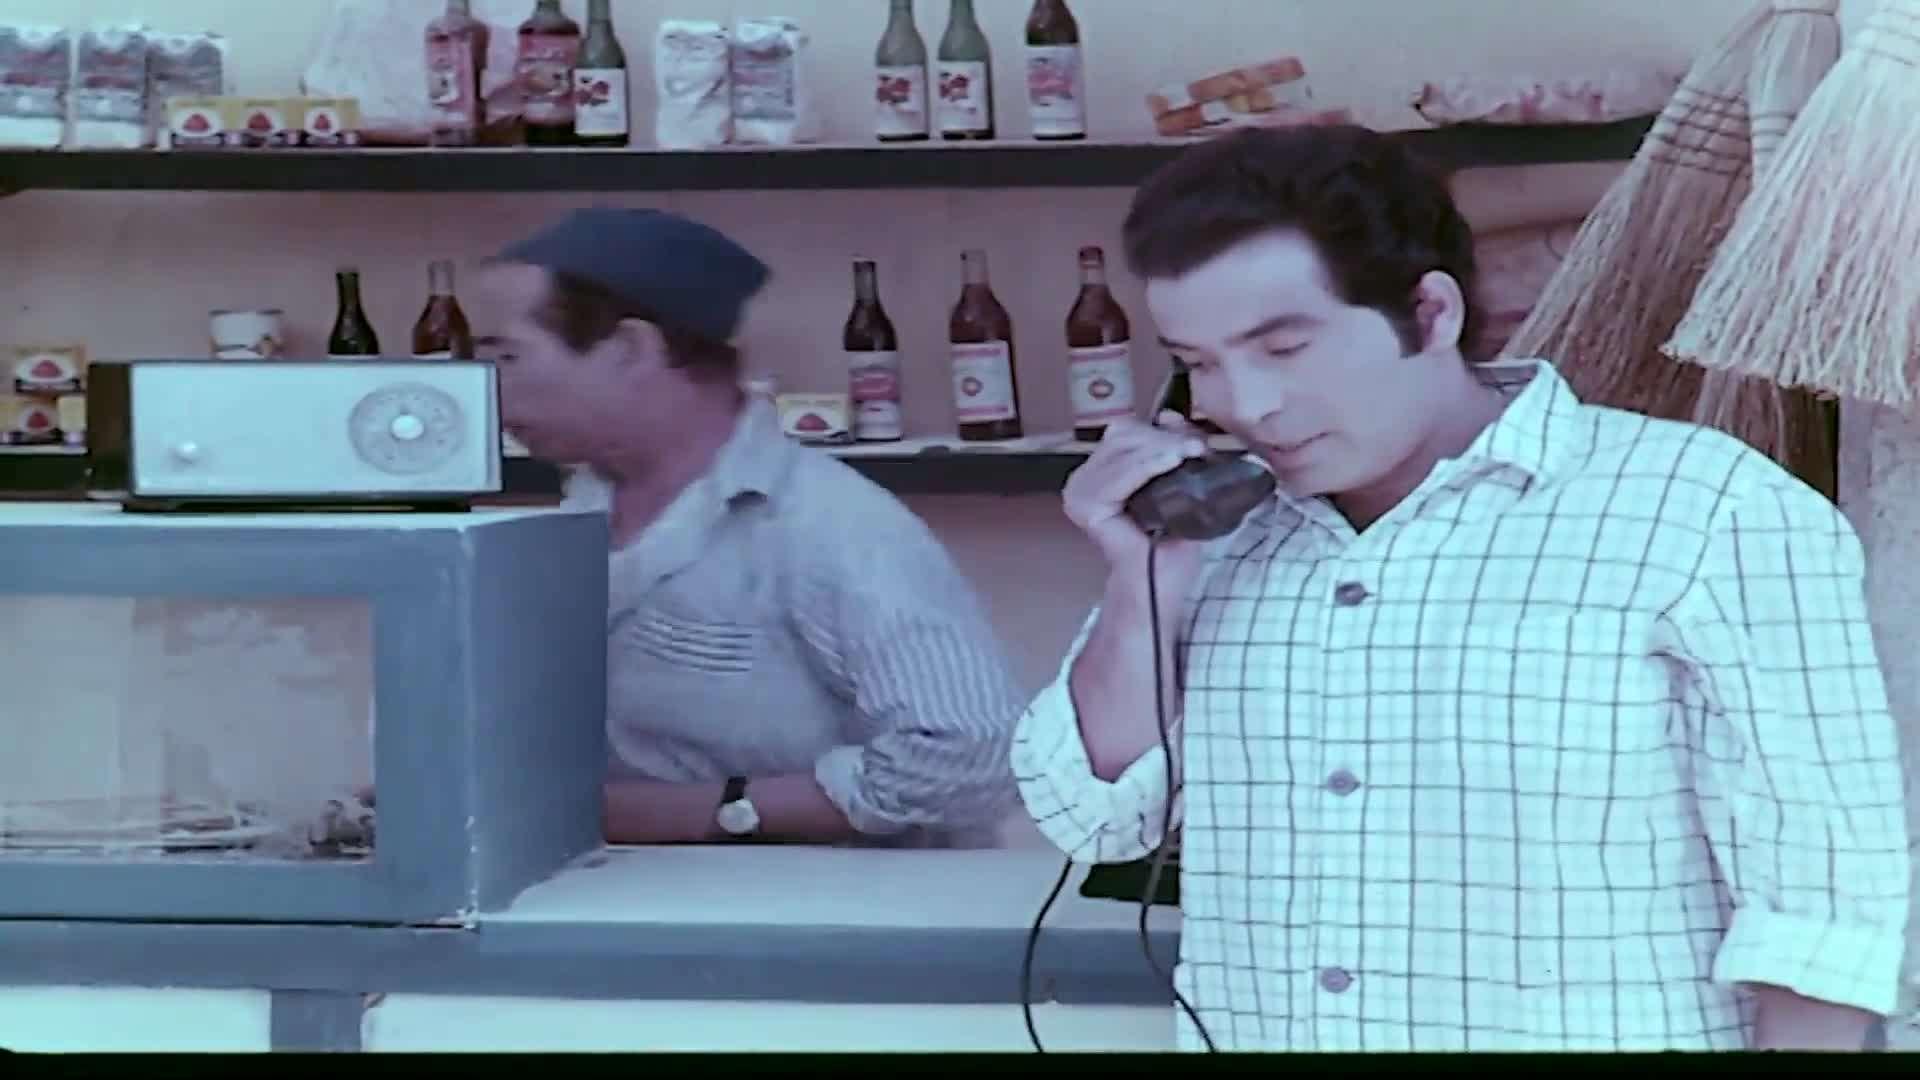 [فيلم][تورنت][تحميل][الجبان والحب][1975][1080p][Web-DL] 4 arabp2p.com